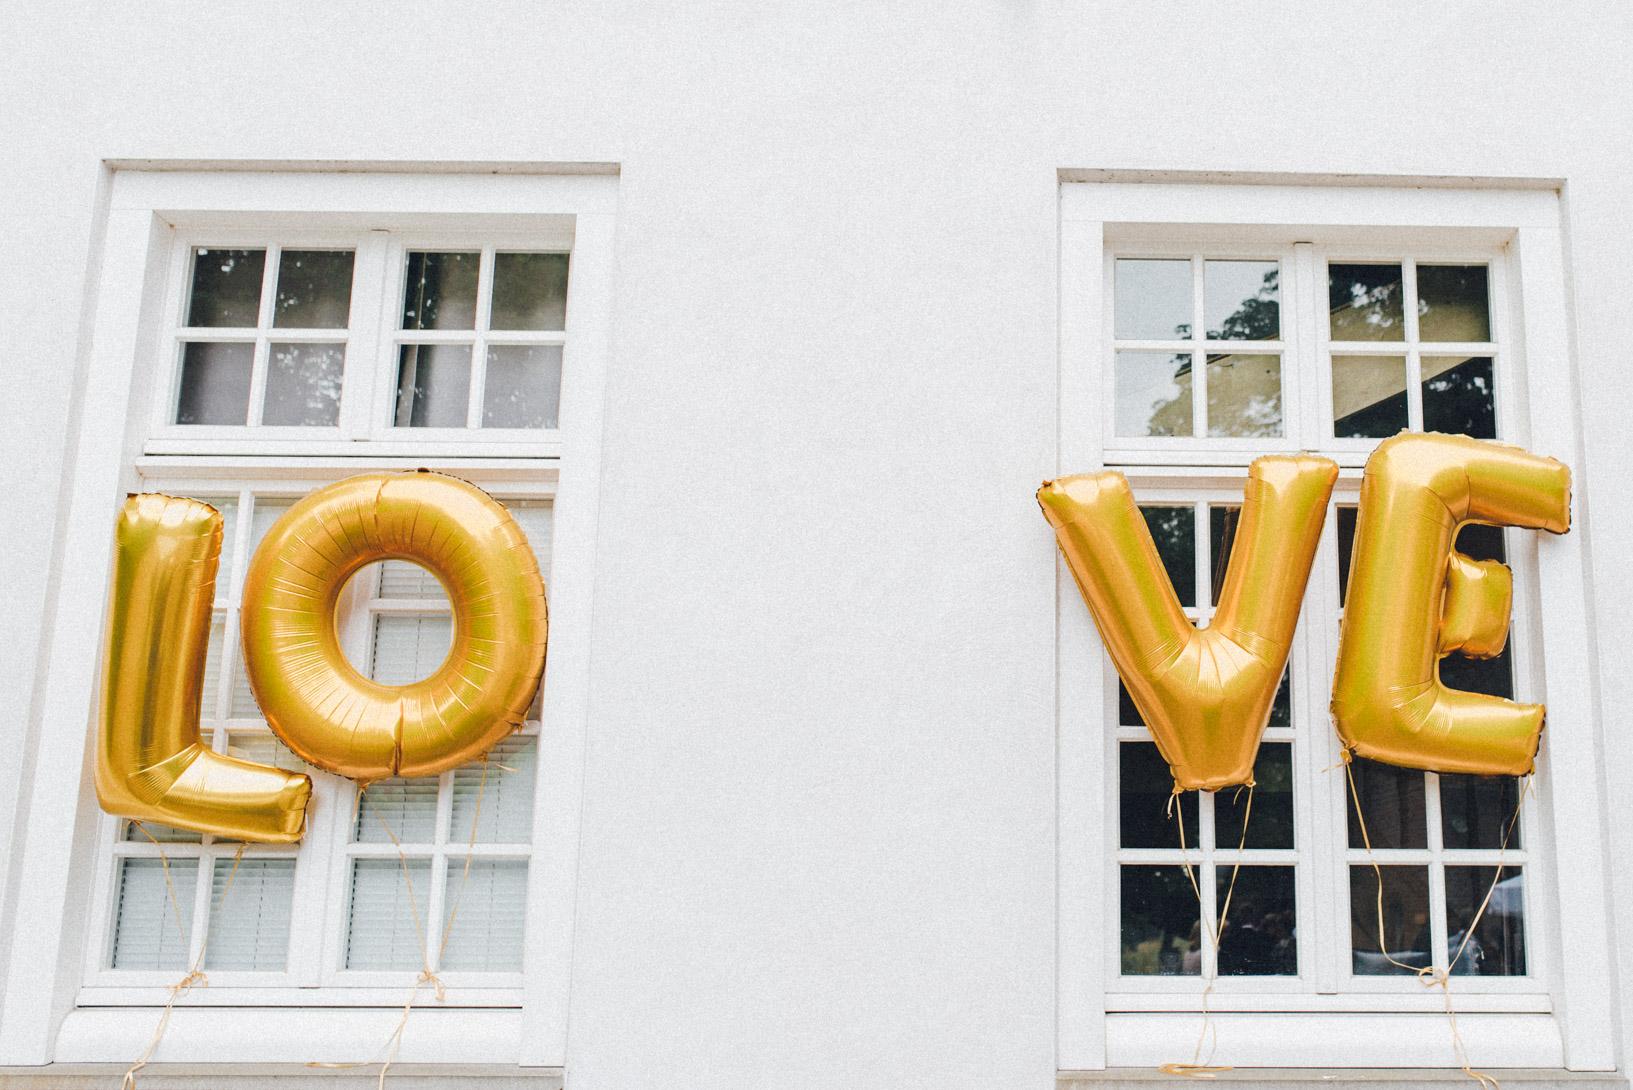 DIY-Hochzeit-gold-VW-Bully-47 Janet & Pierre DIY Midsummer-Wedding in Gold mit VW BulliDIY Hochzeit gold VW Bully 47